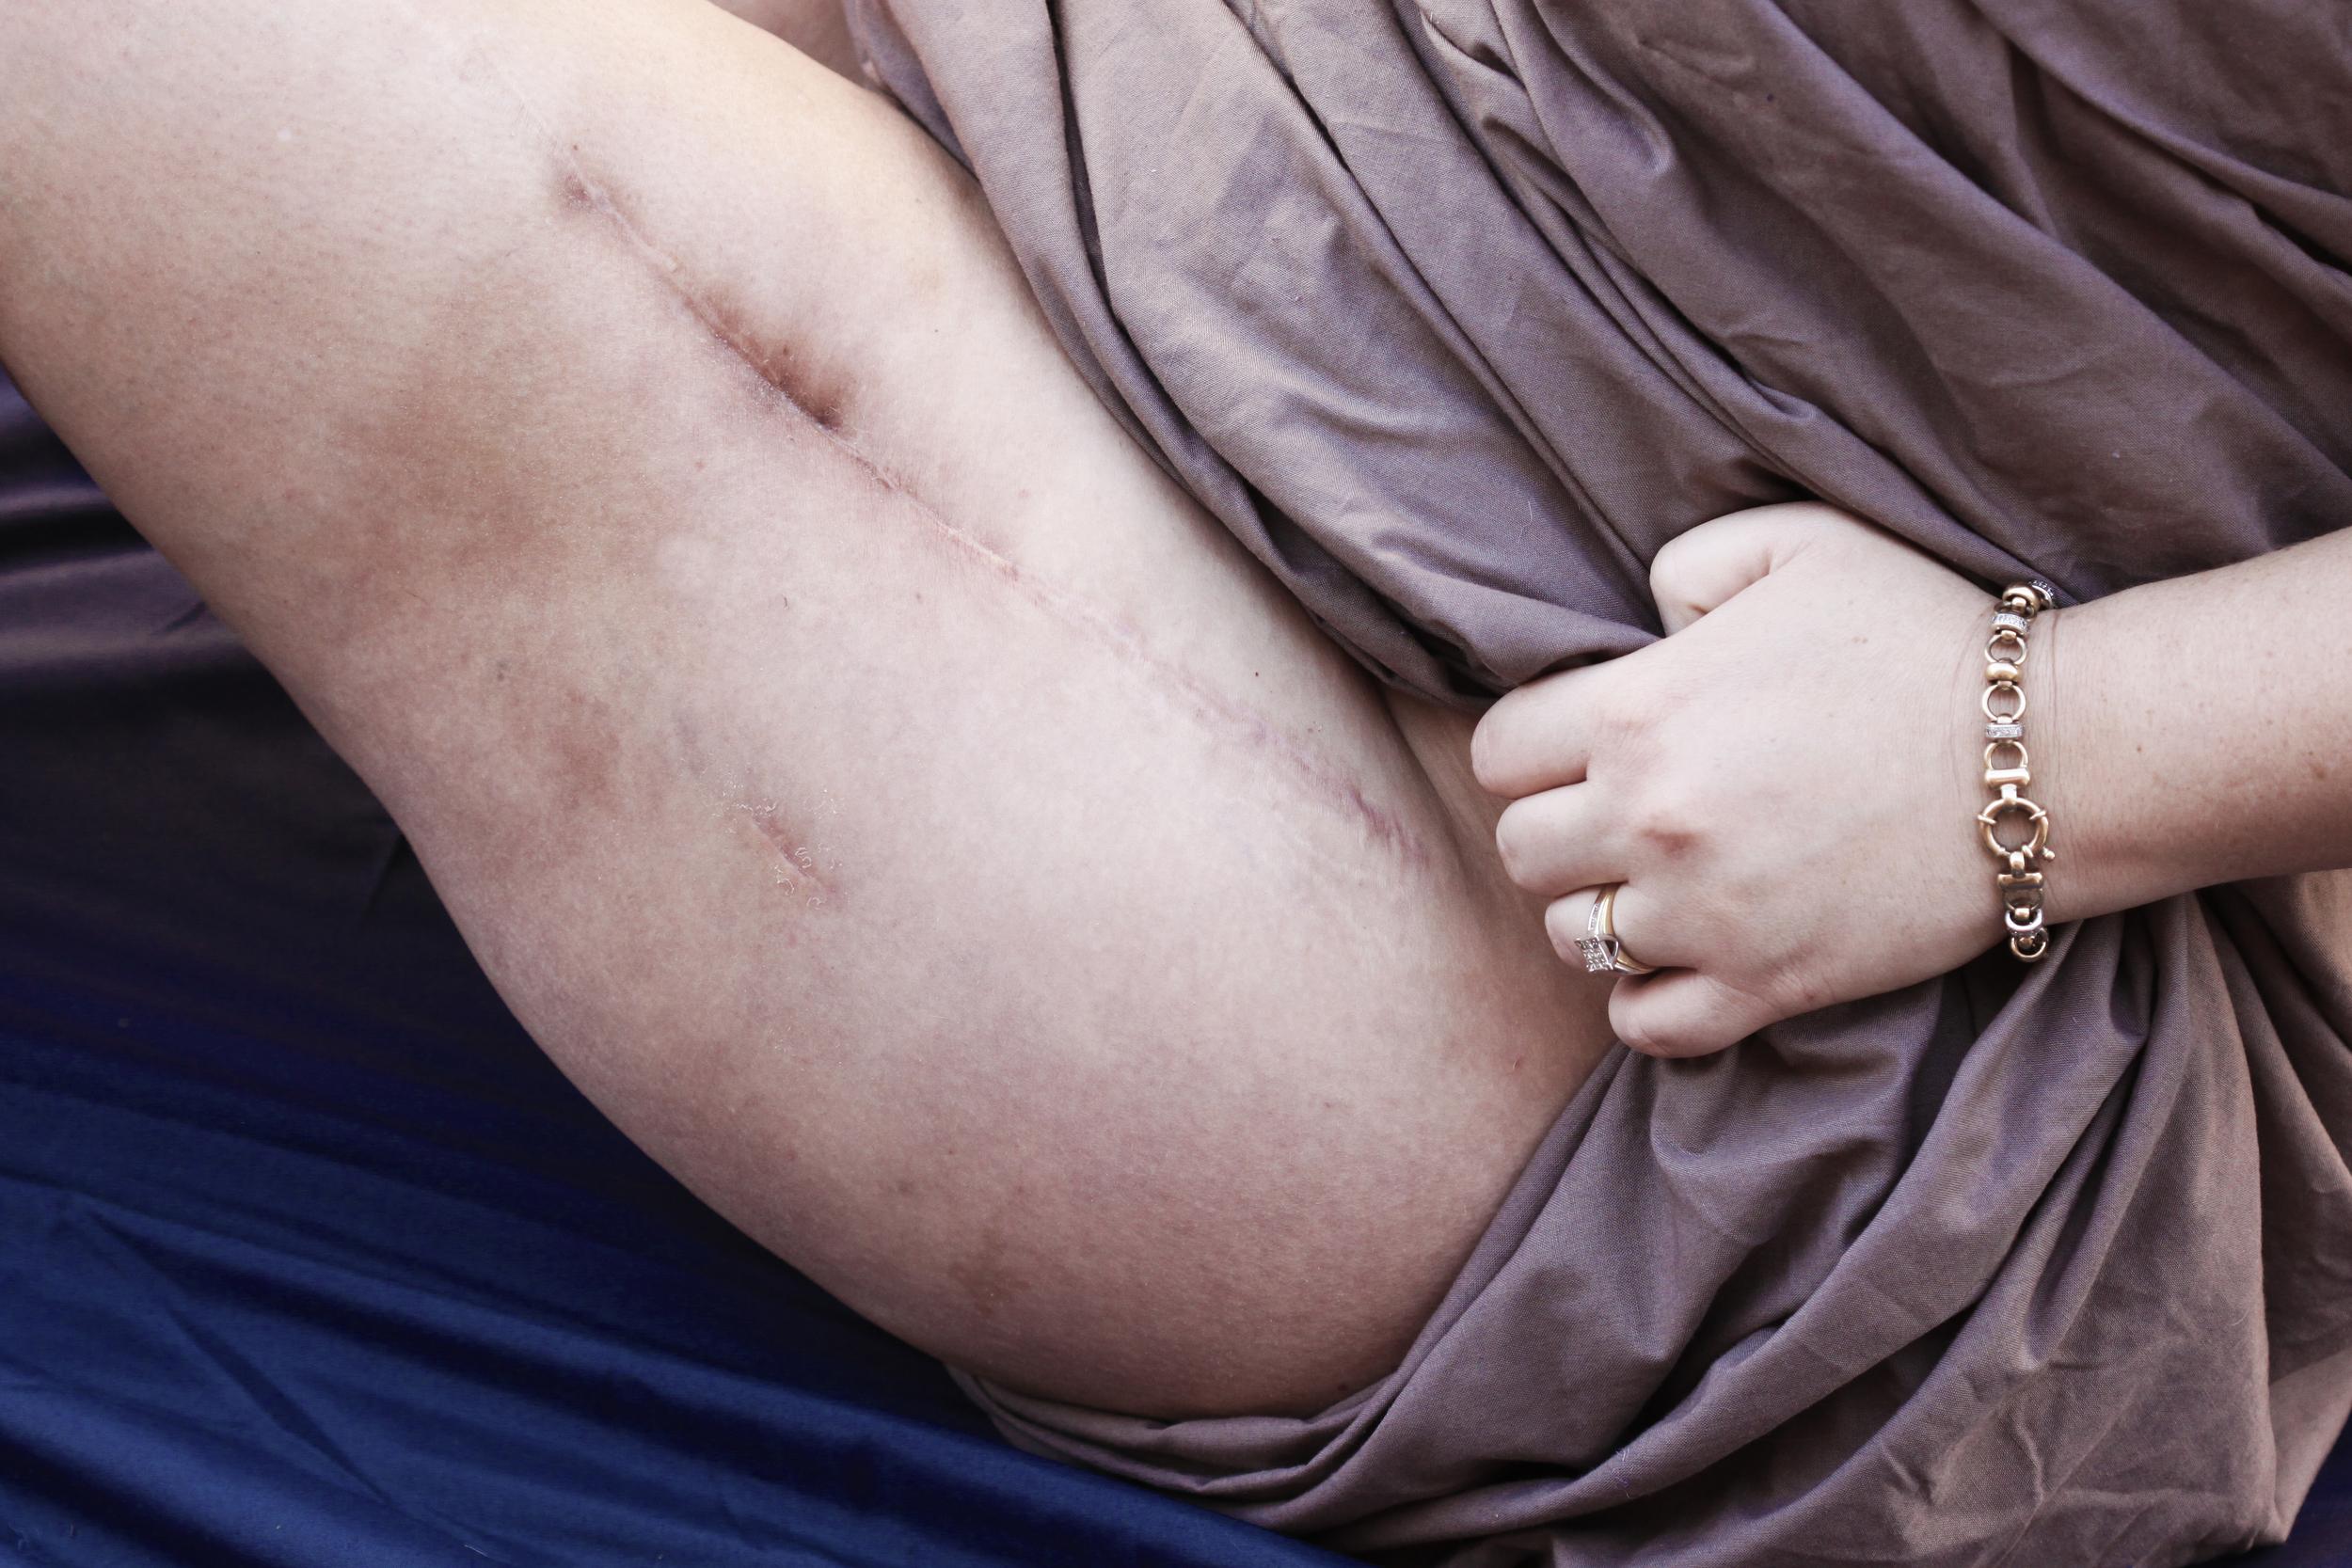 Scar Stories Jamie Ewings Sarcoma by Lisa Auger.jpg